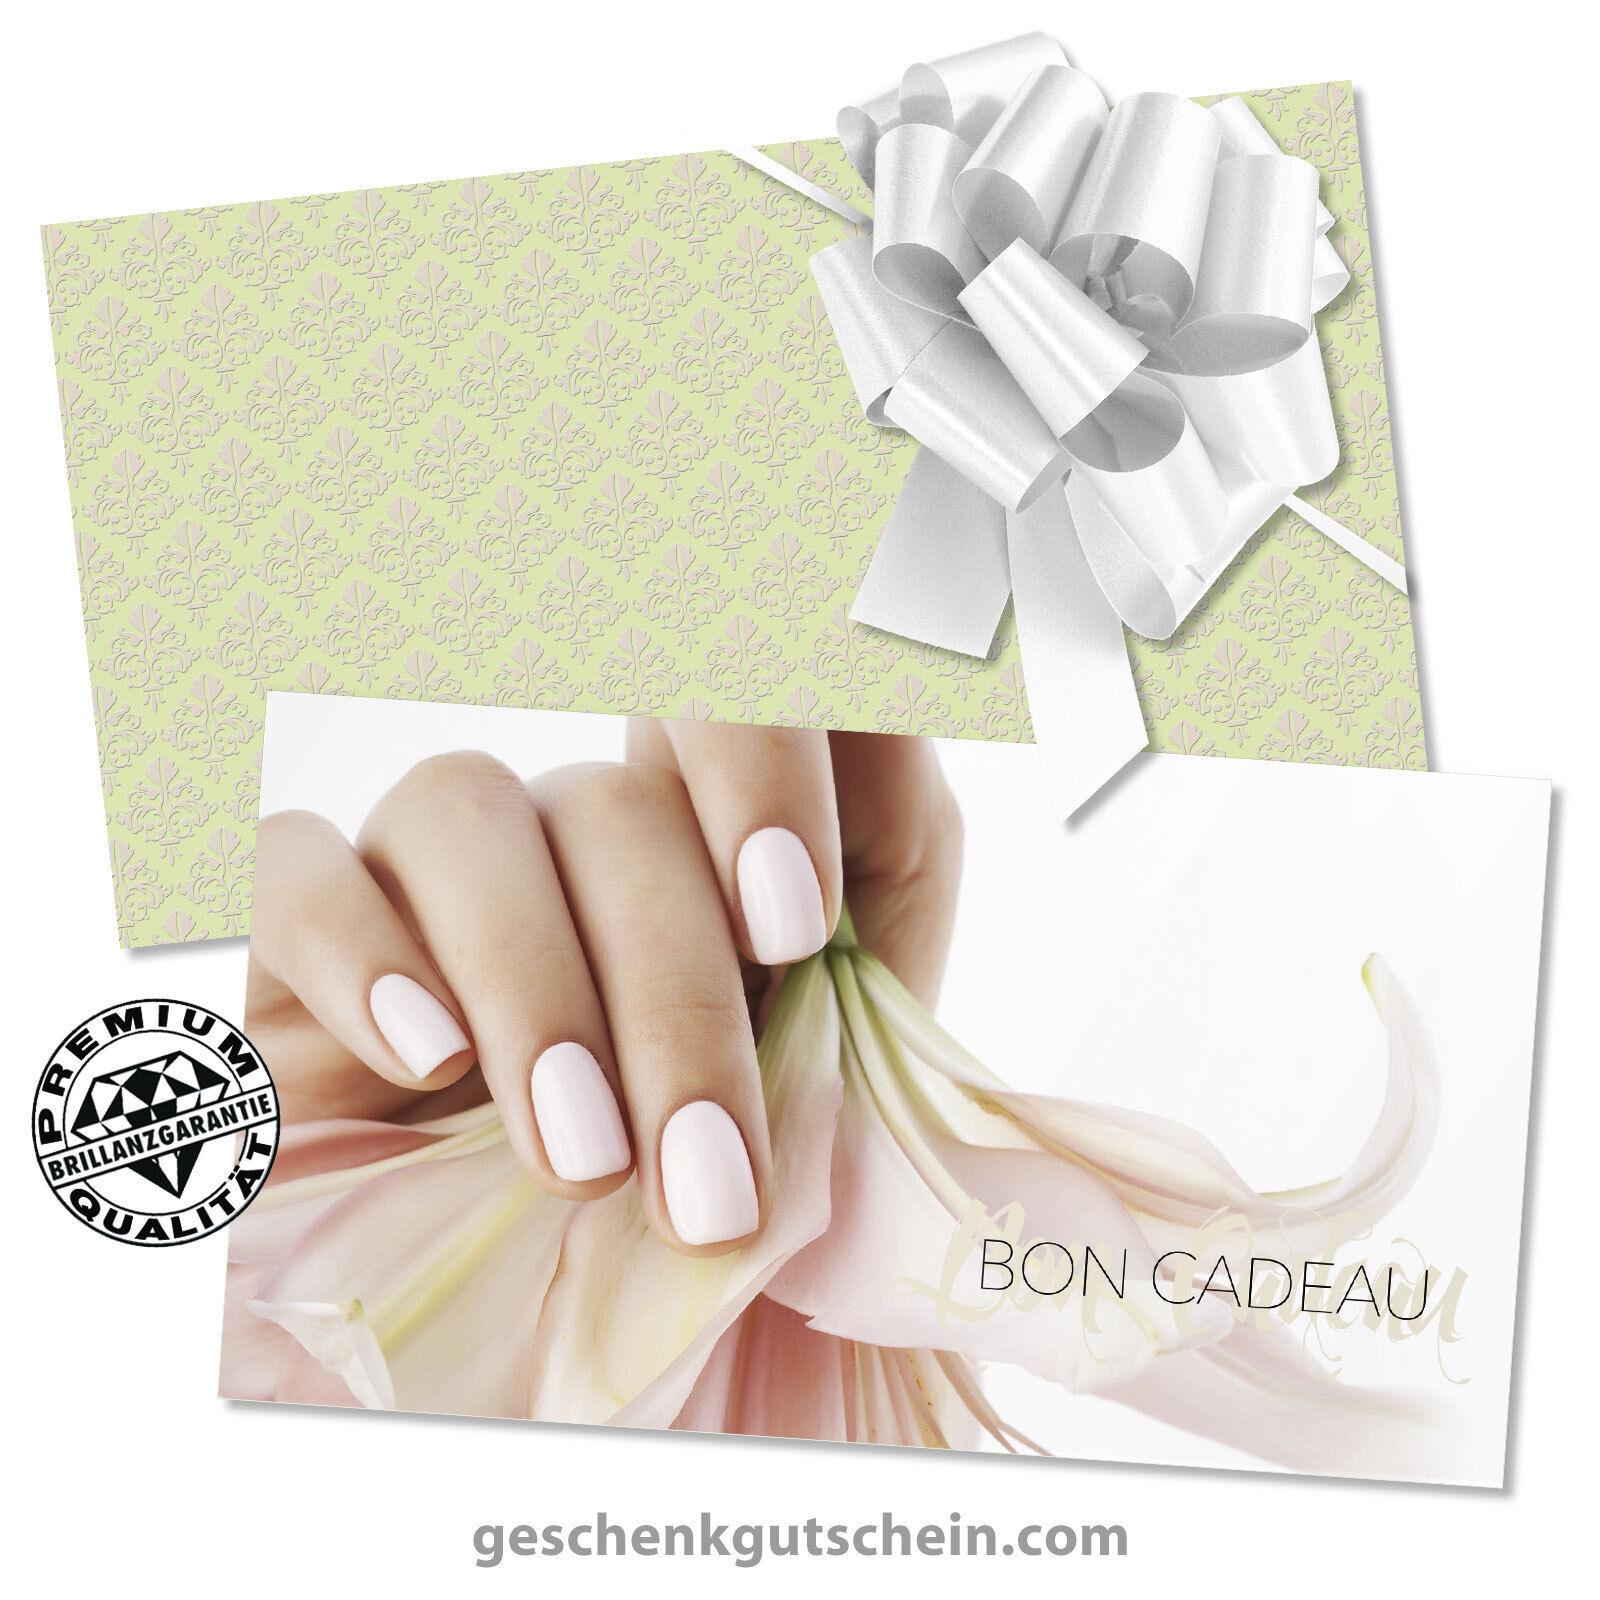 Bons cadeaux  enveloppes  nœuds rub. pour instituts de beauté KS1278F  | Deutschland Berlin  | Deutschland Store